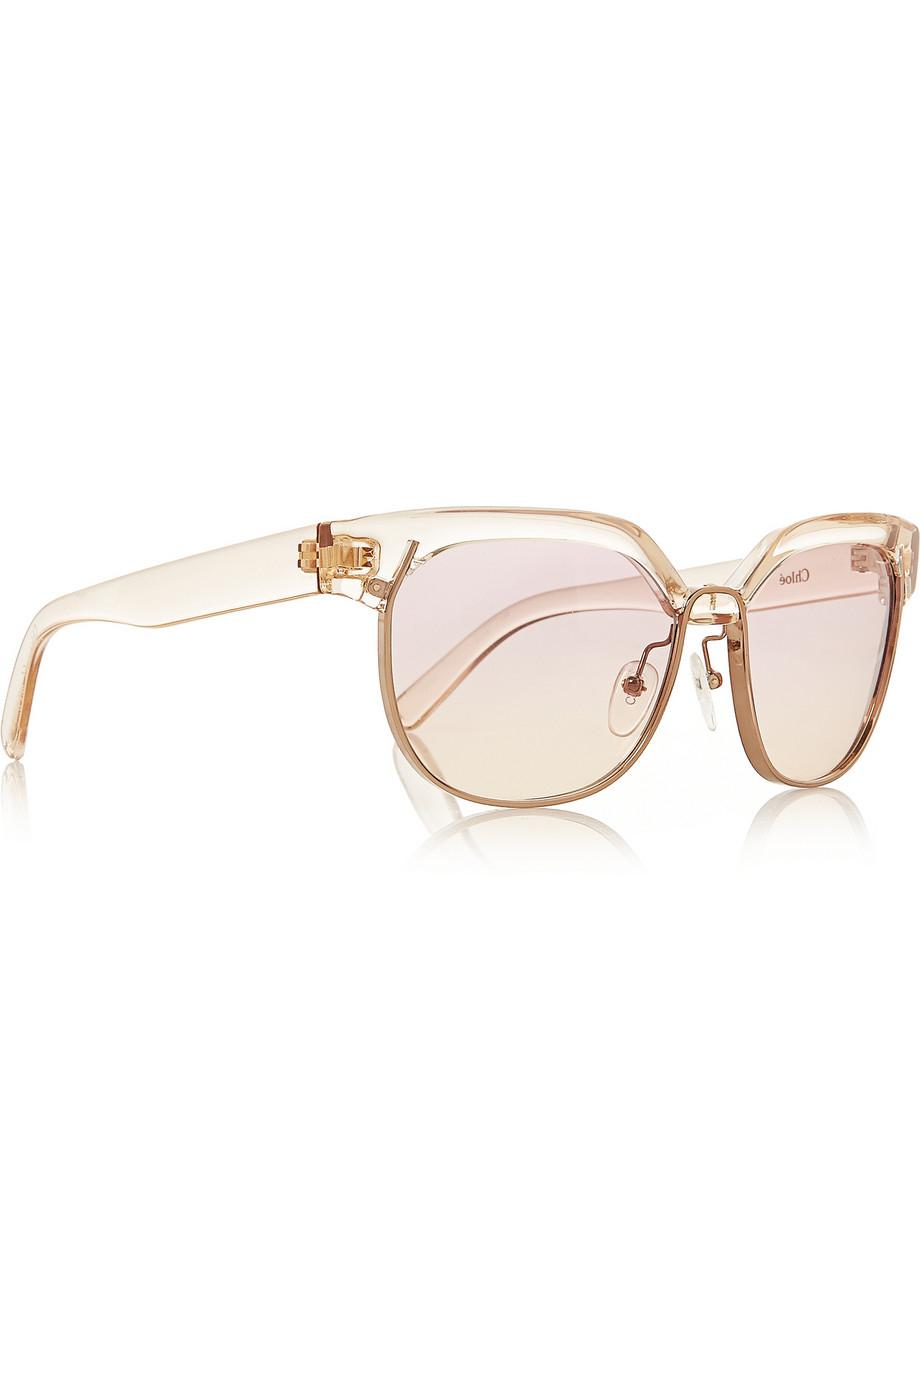 5bd12404cb9 Chloé Dafne D-Frame Acetate Sunglasses in Metallic - Lyst